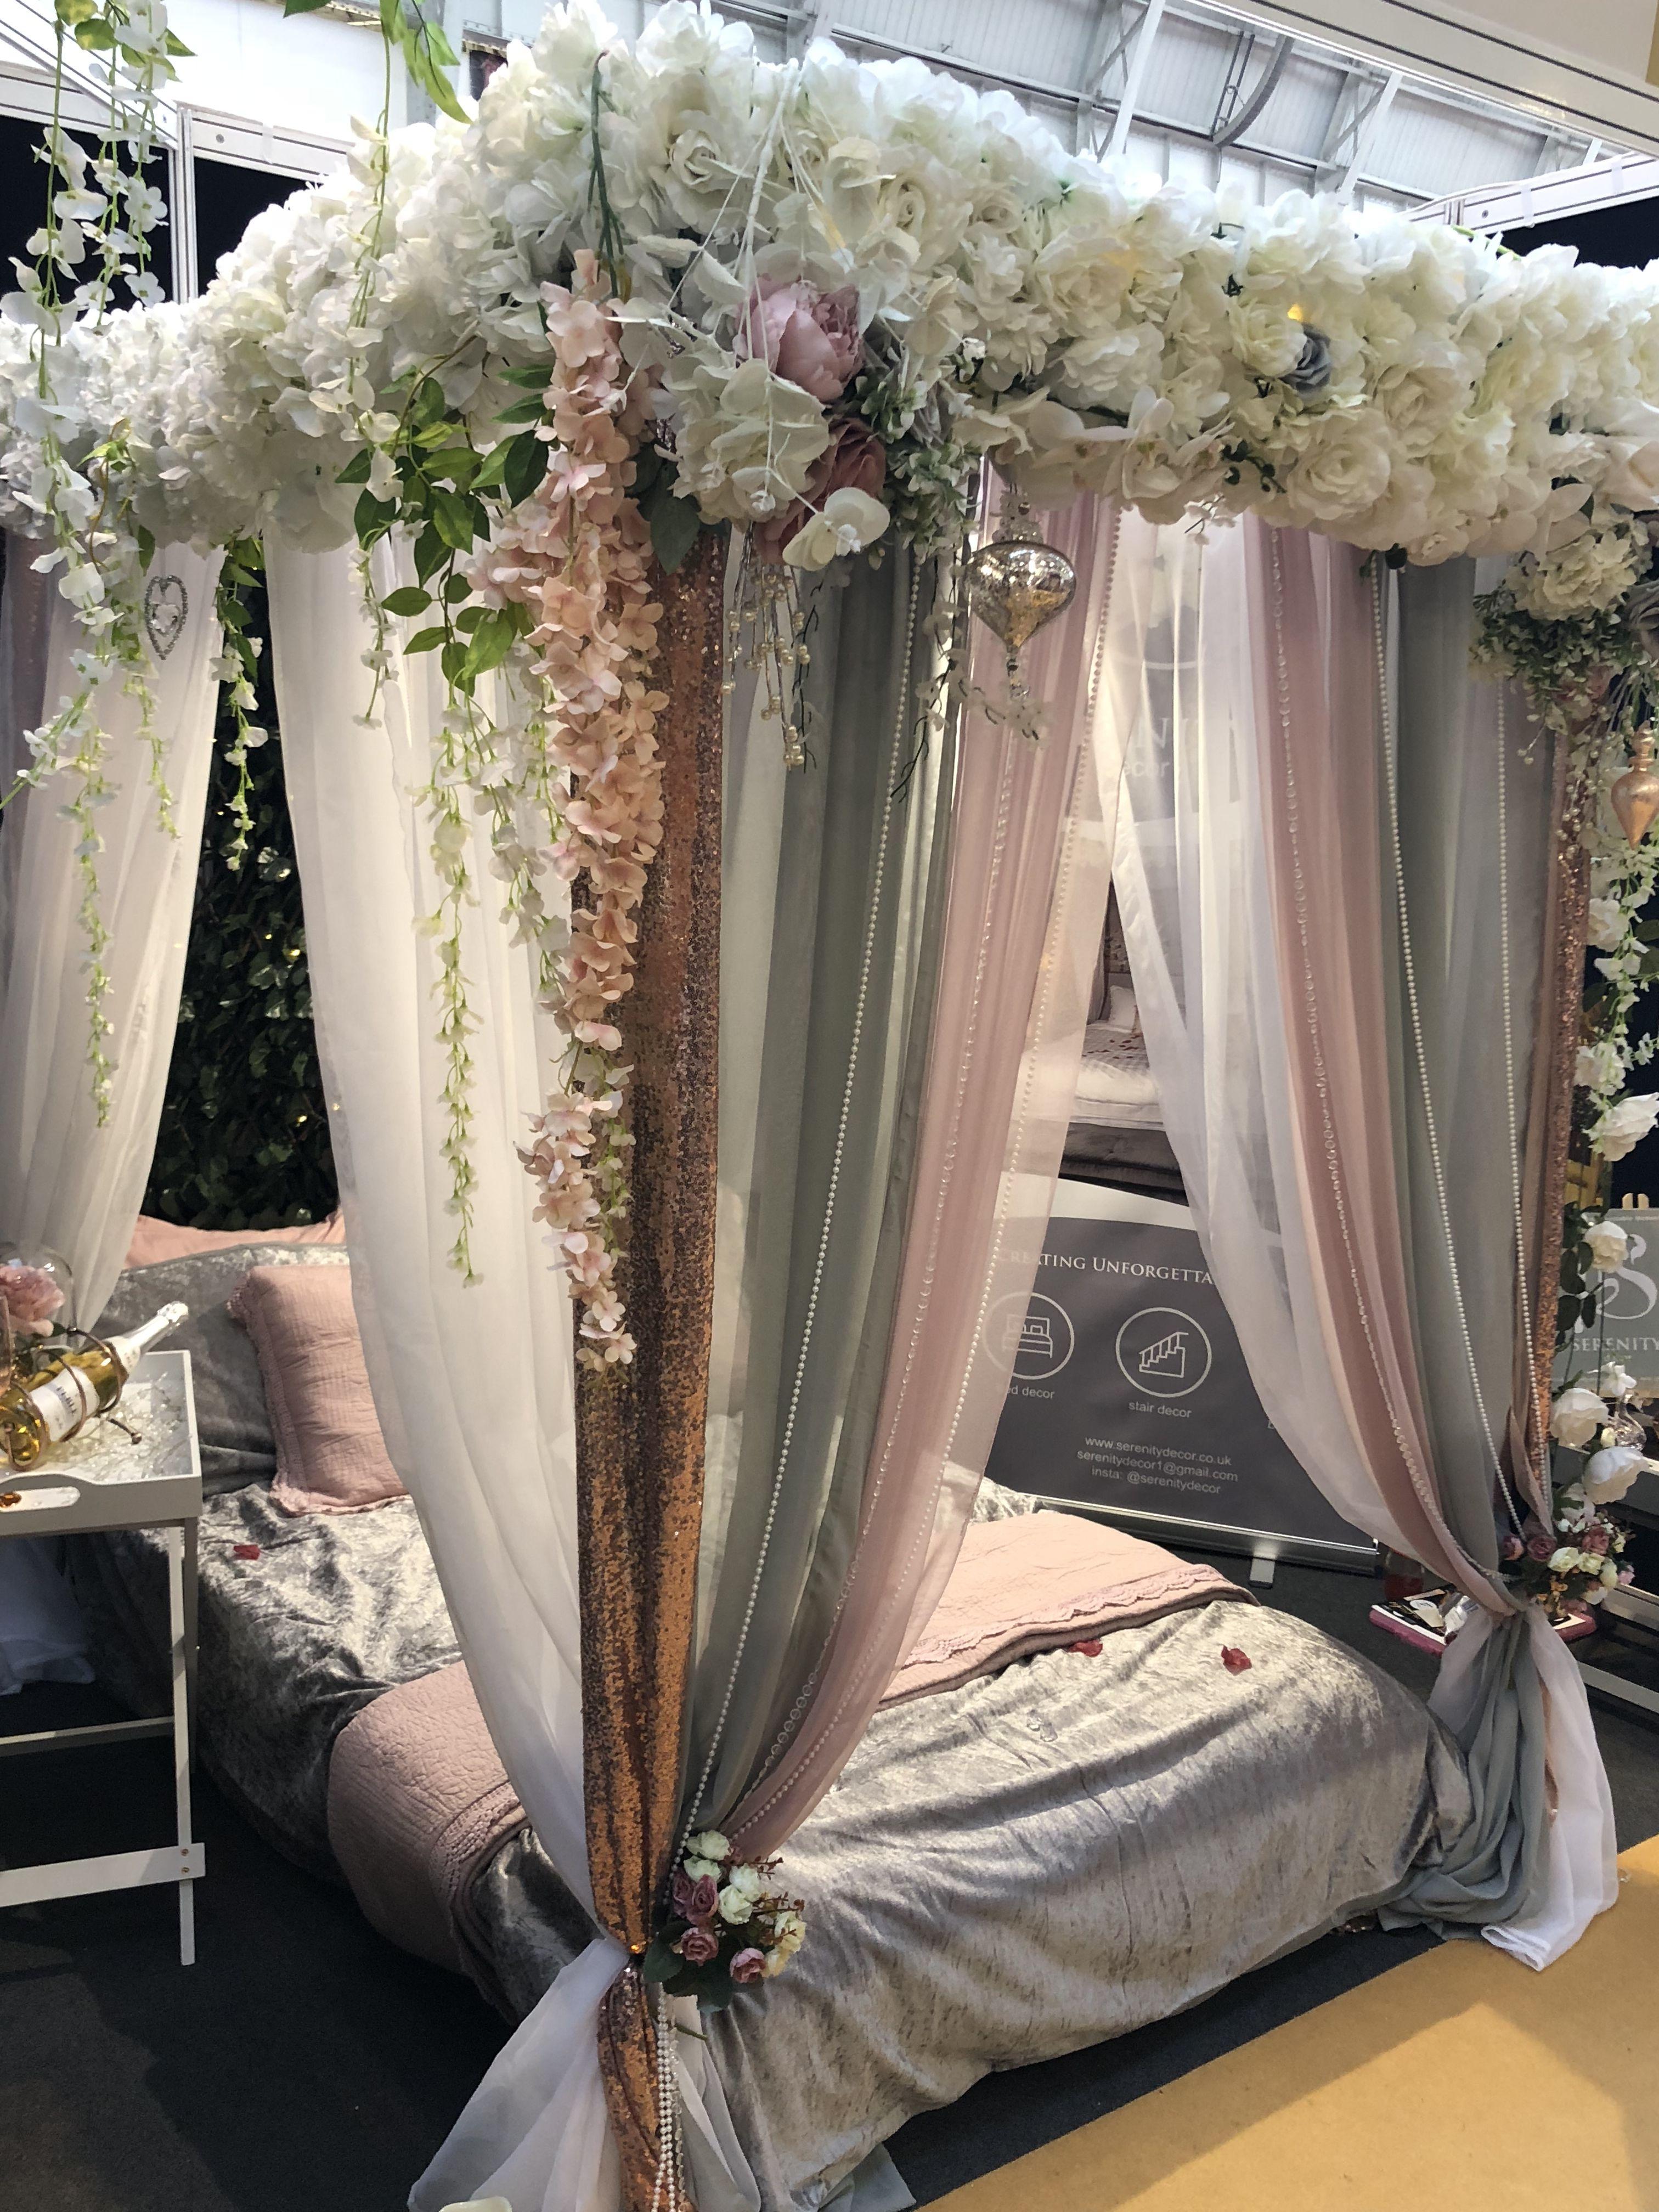 Wedding Bedroom Queen Bed Decor Cute Bedroom Decor Bridal Room Decor Luxury bridal room pictures